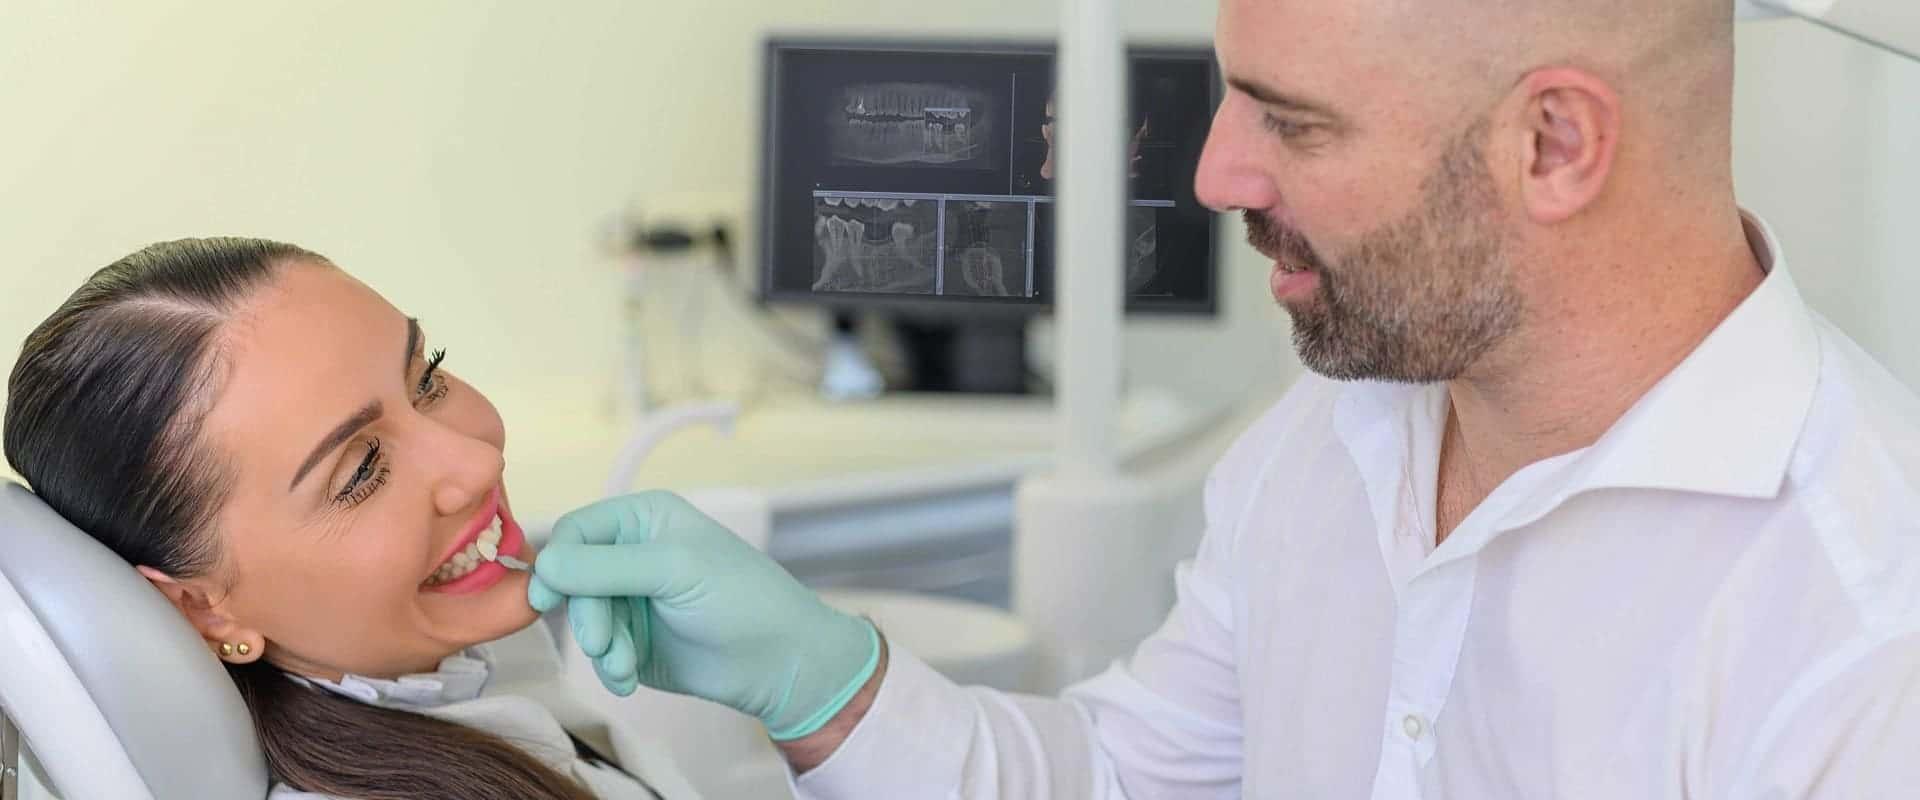 Dr. Gerald Heigis